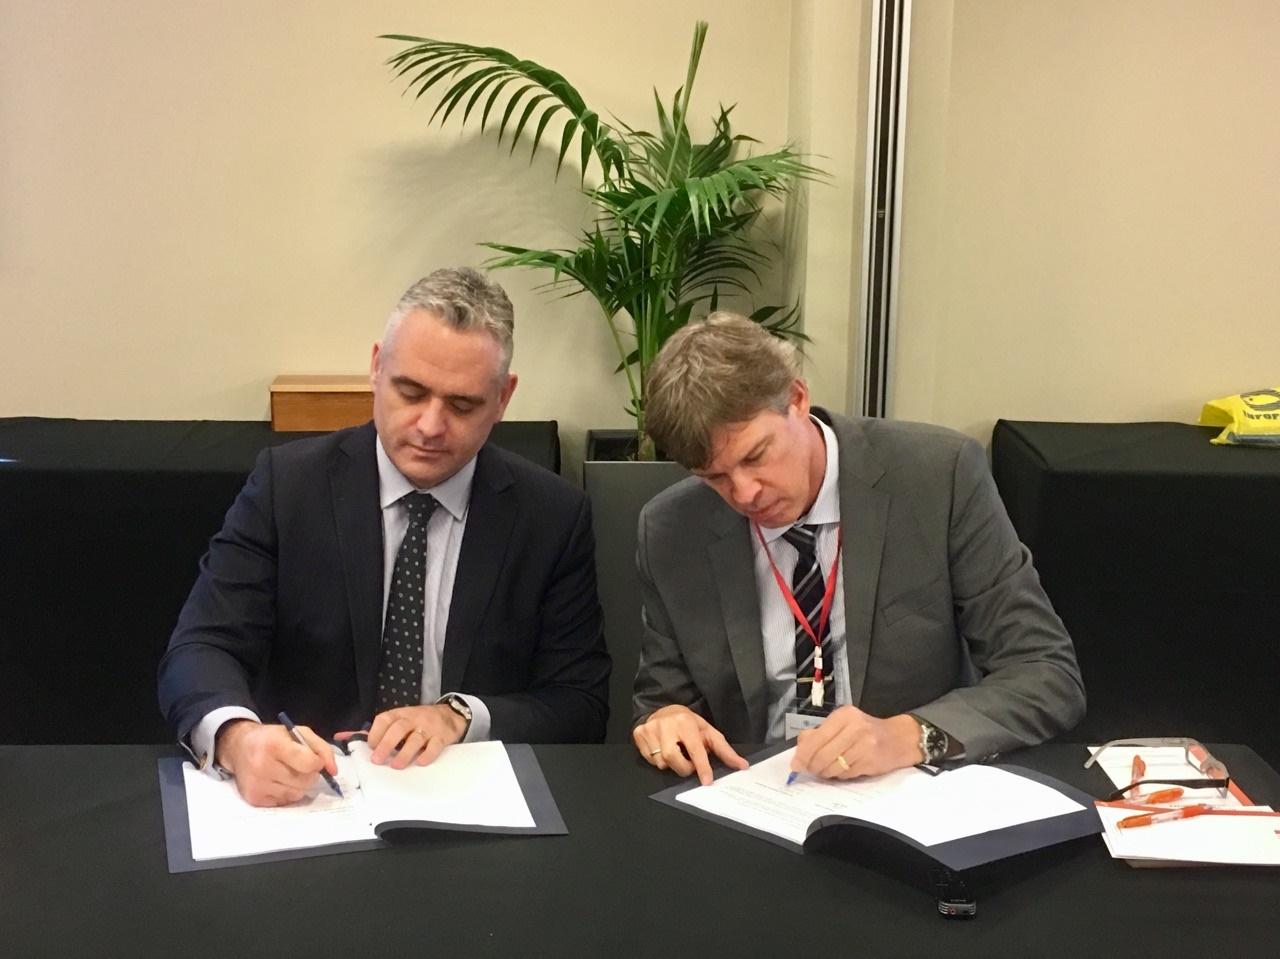 My mate Matt (right) the new FFA DDG starts with a biggie!